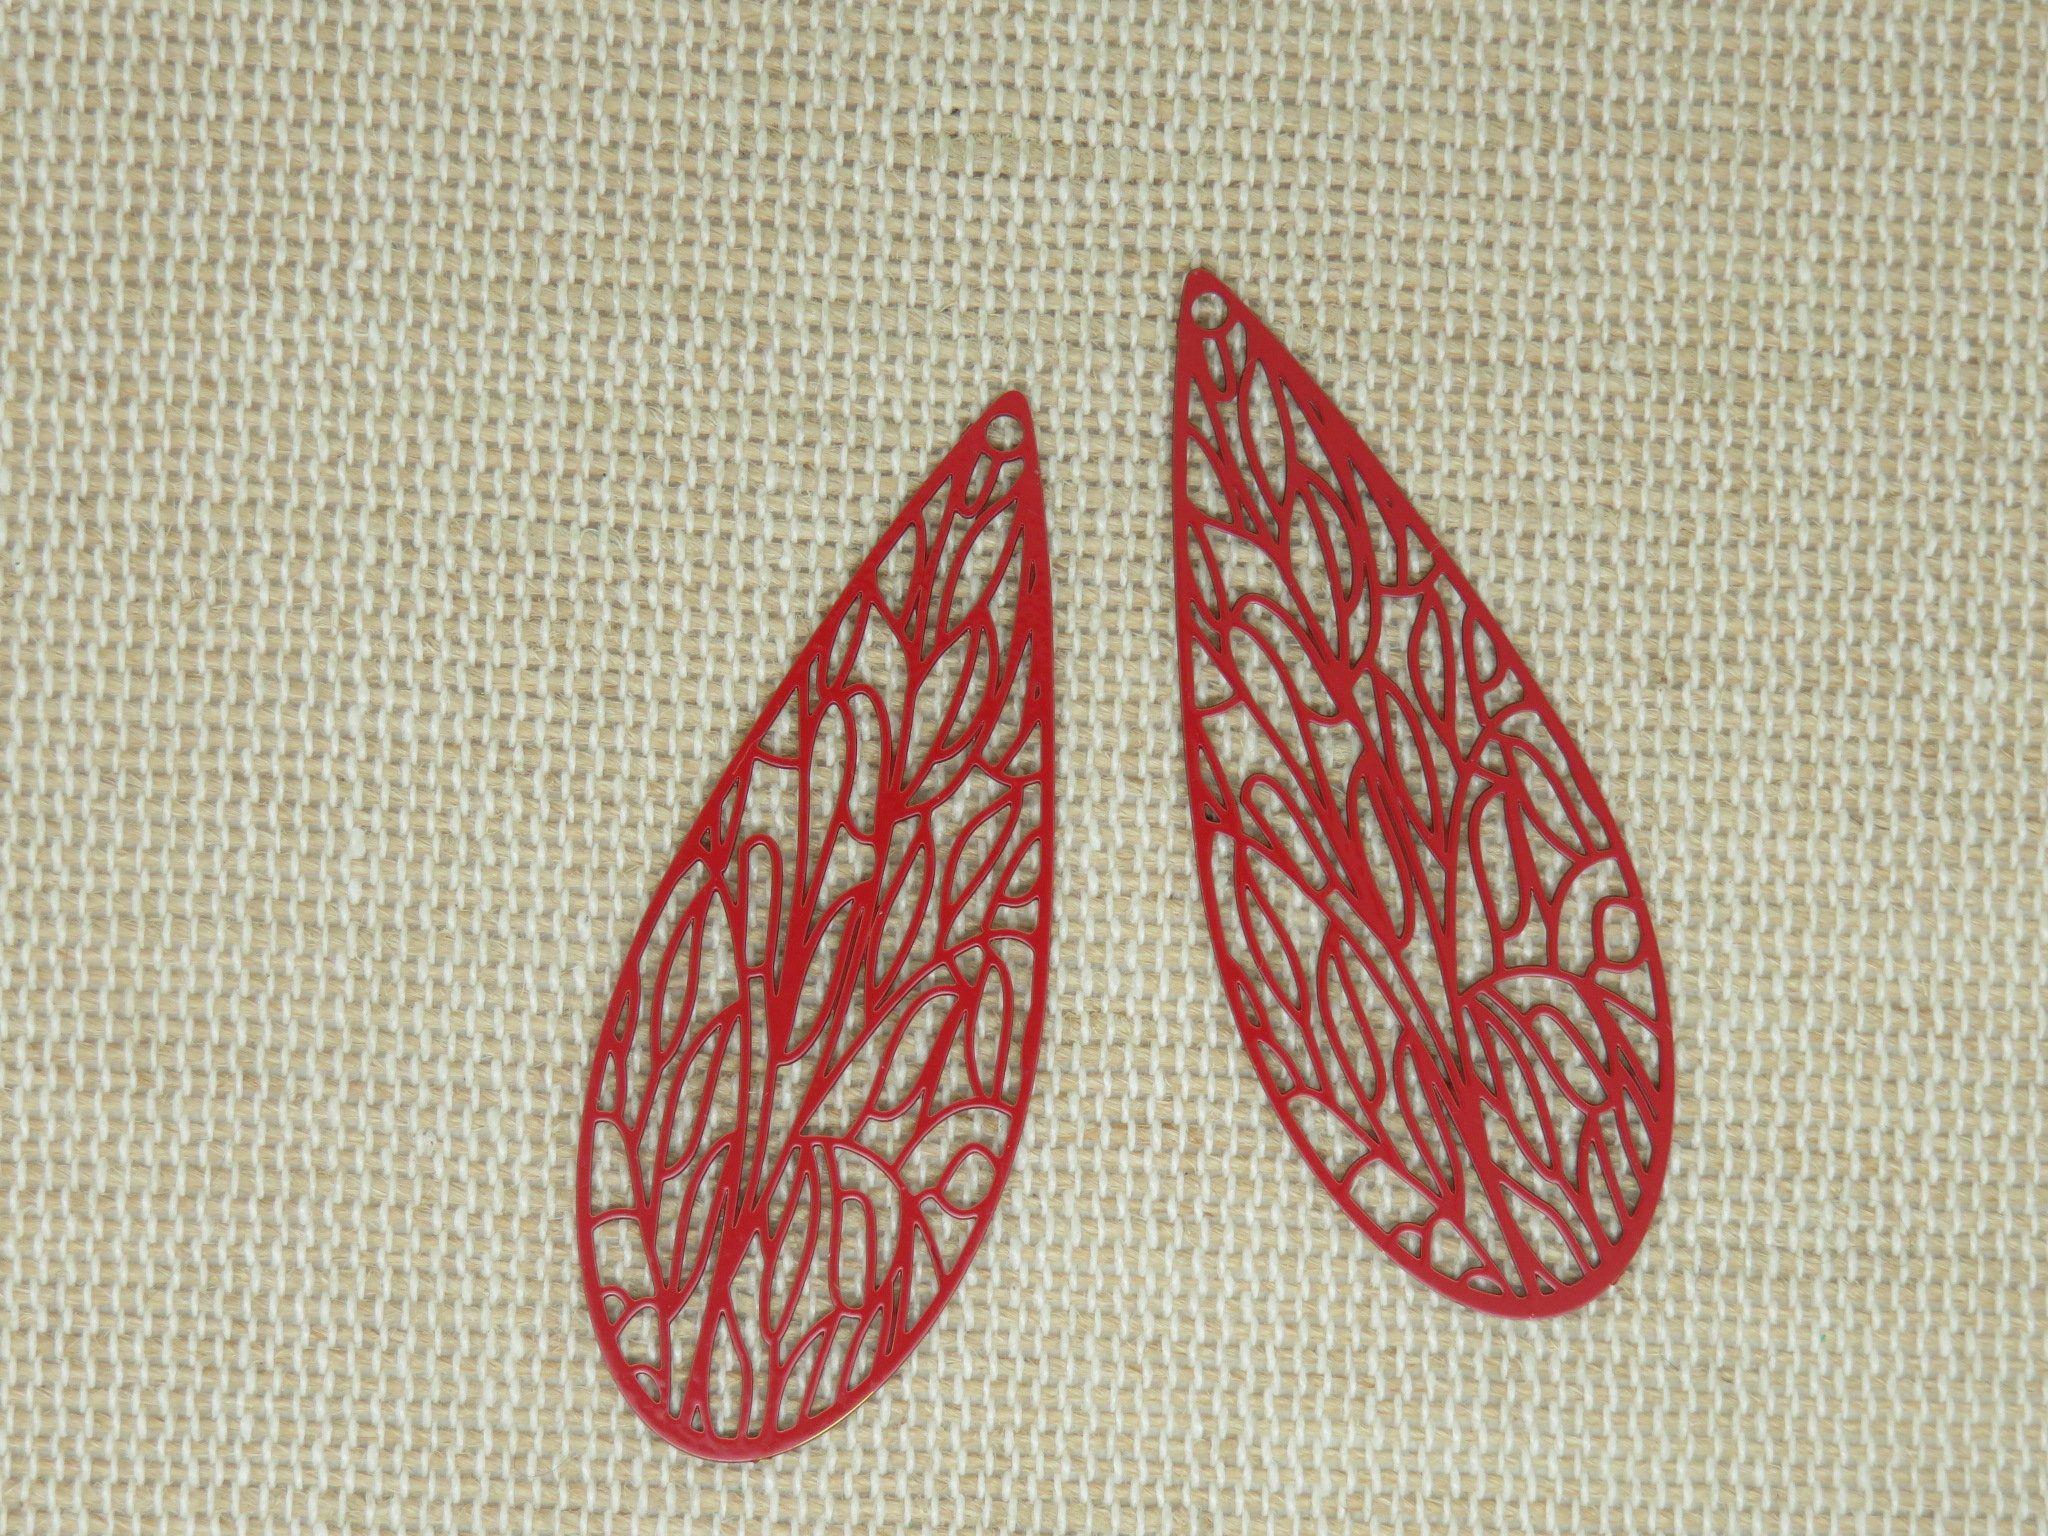 2 Pendentifs Aile Libellule Cuivre Rouge 45mm Ensemble De 2 Breloques Estampe Filigrane Pour Fabrication Bijoux In 2020 Etsy Cardboard Art Etsy Seller